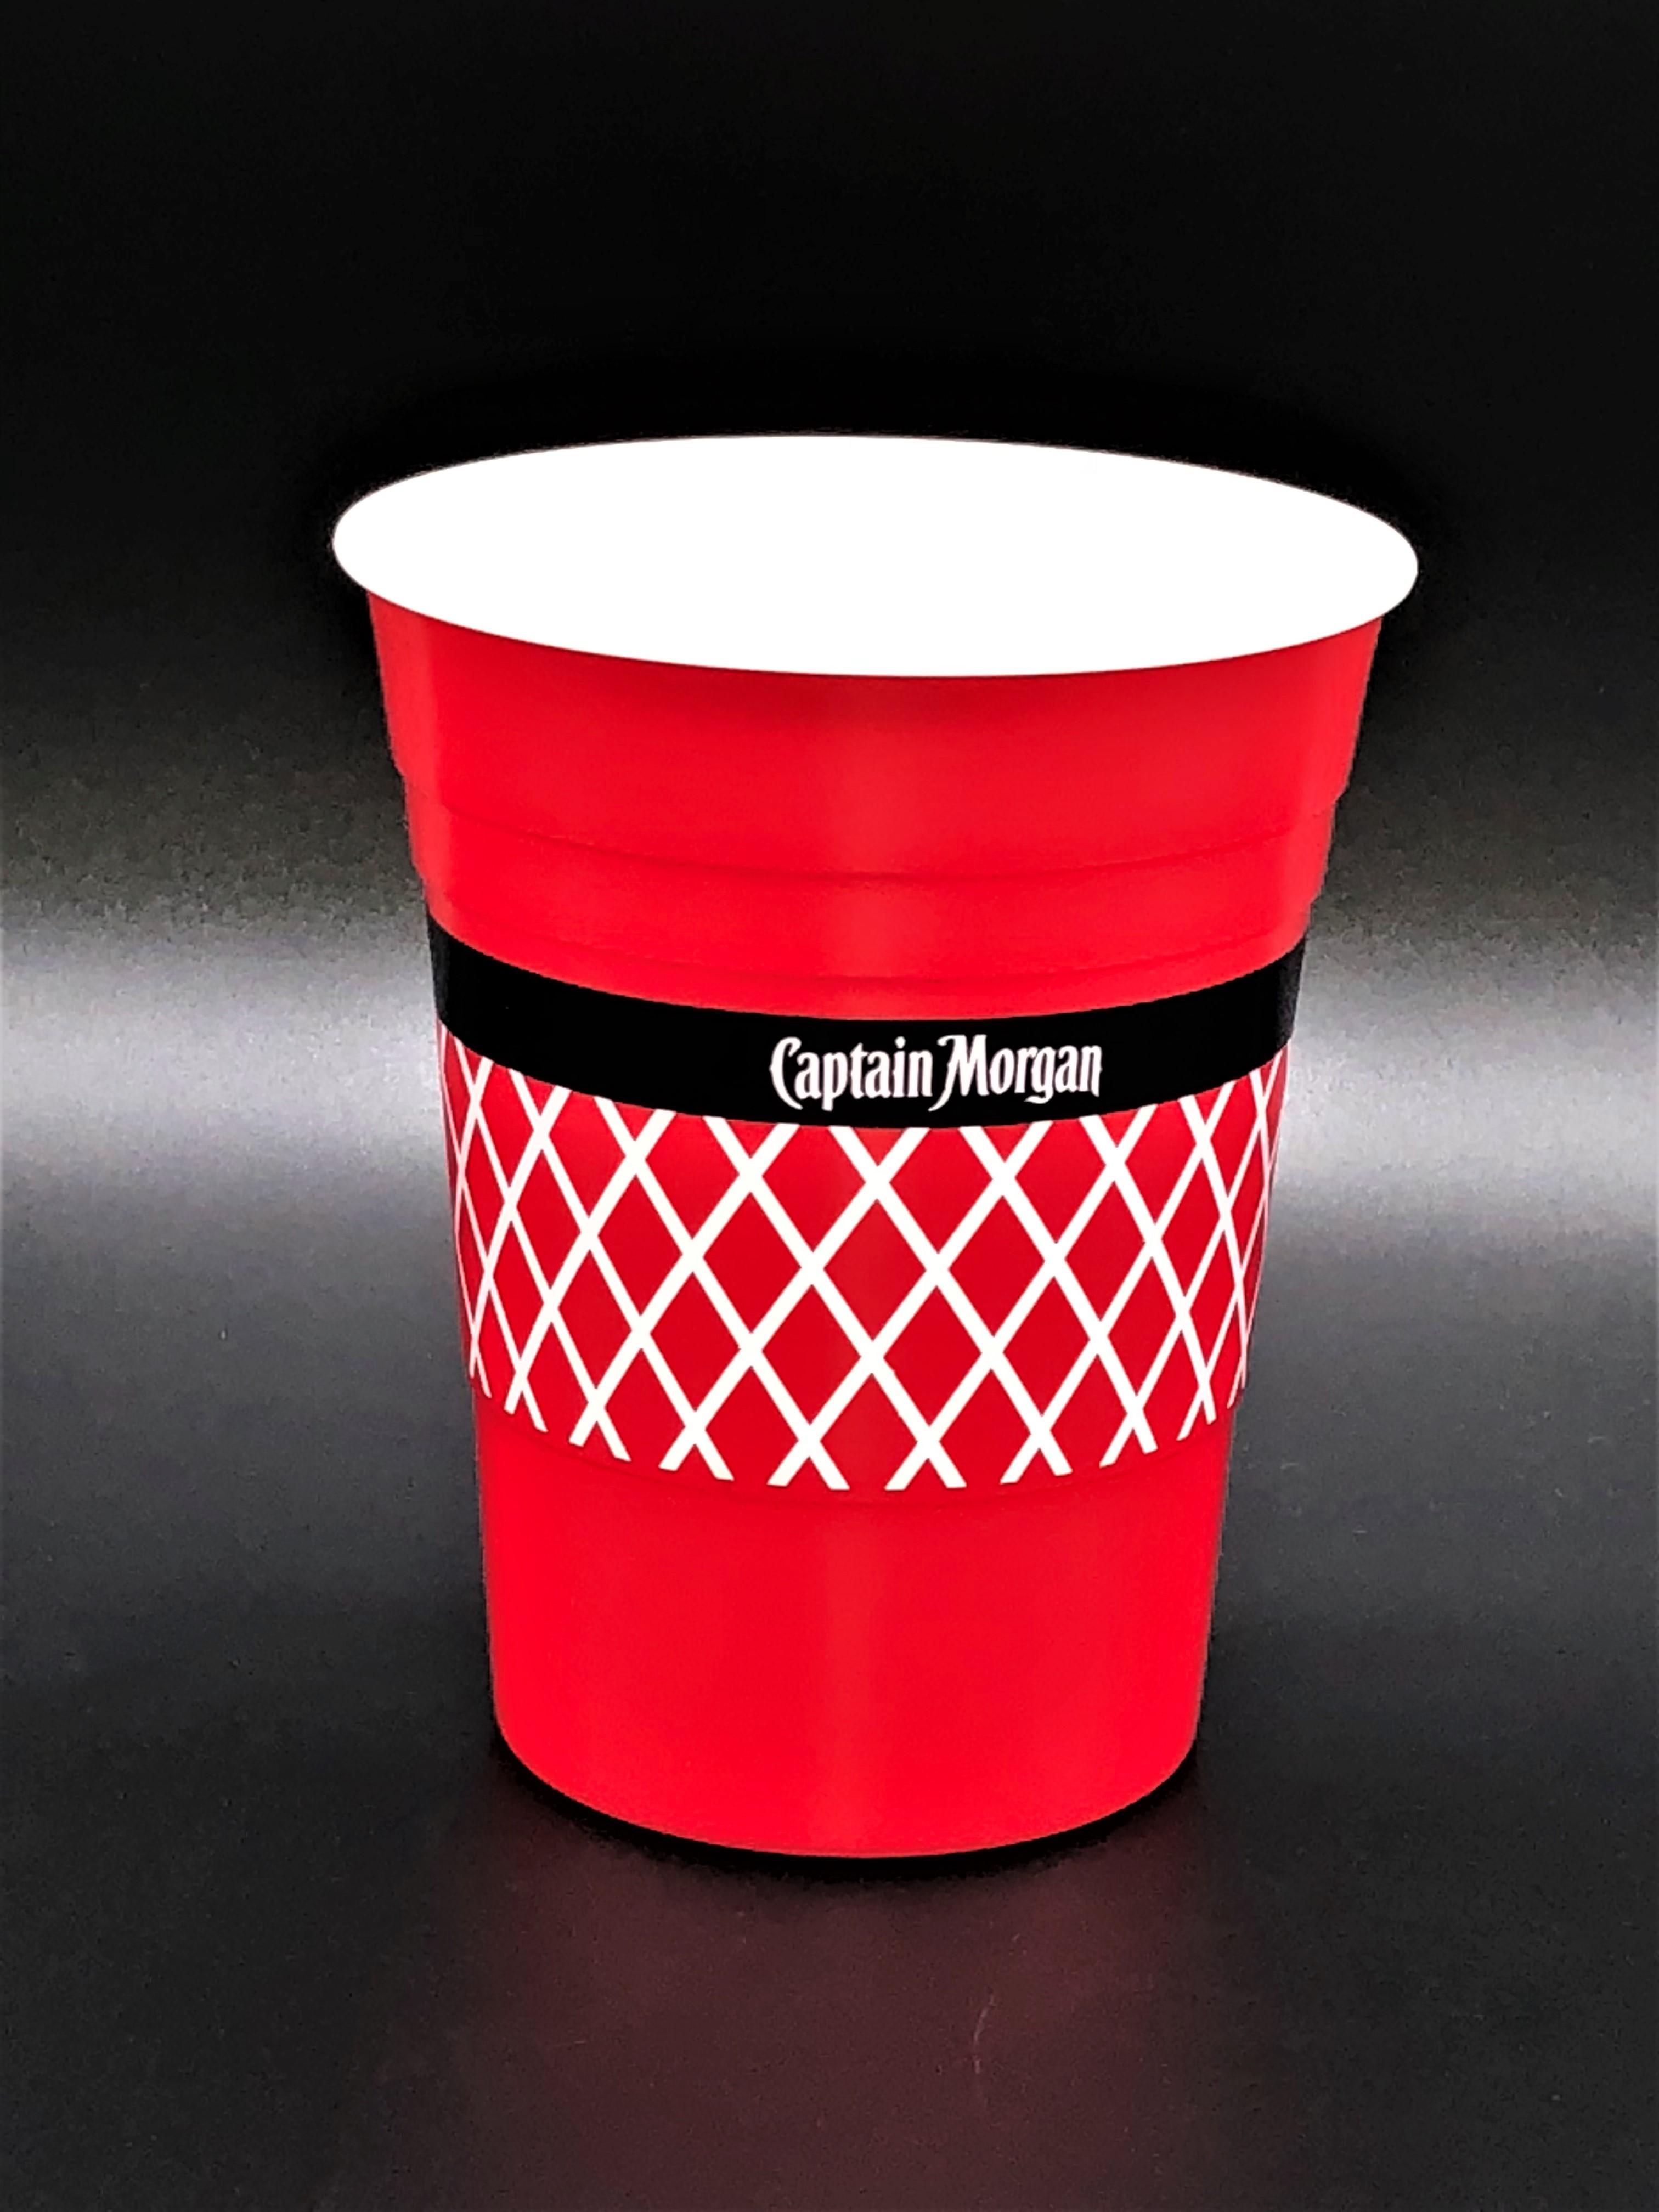 Stadium Cup (Captain Morgan)